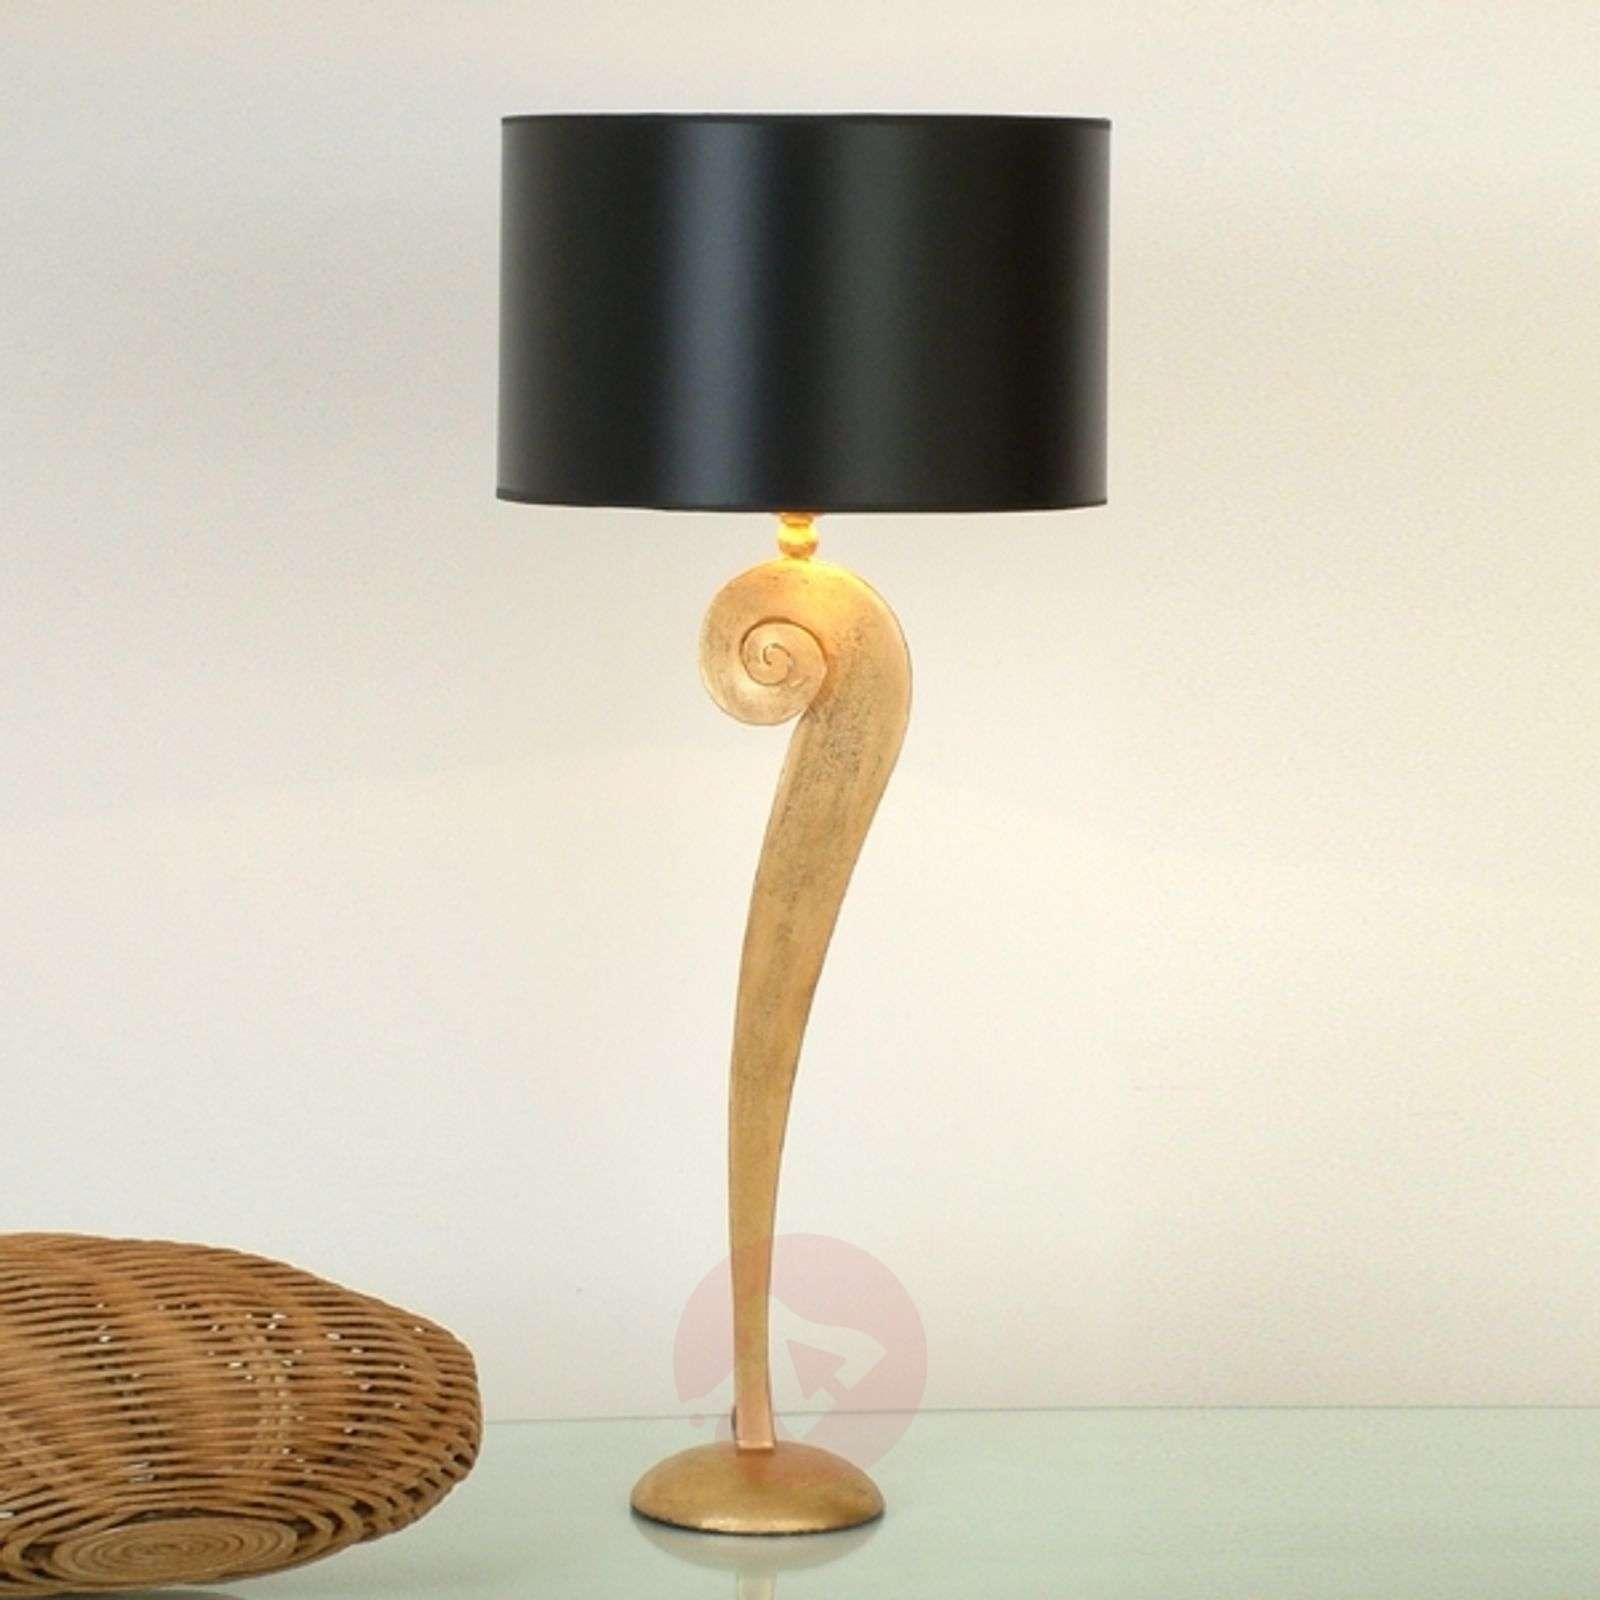 Noble table lamp LORGOLIOSO in gold-black-4512121-01